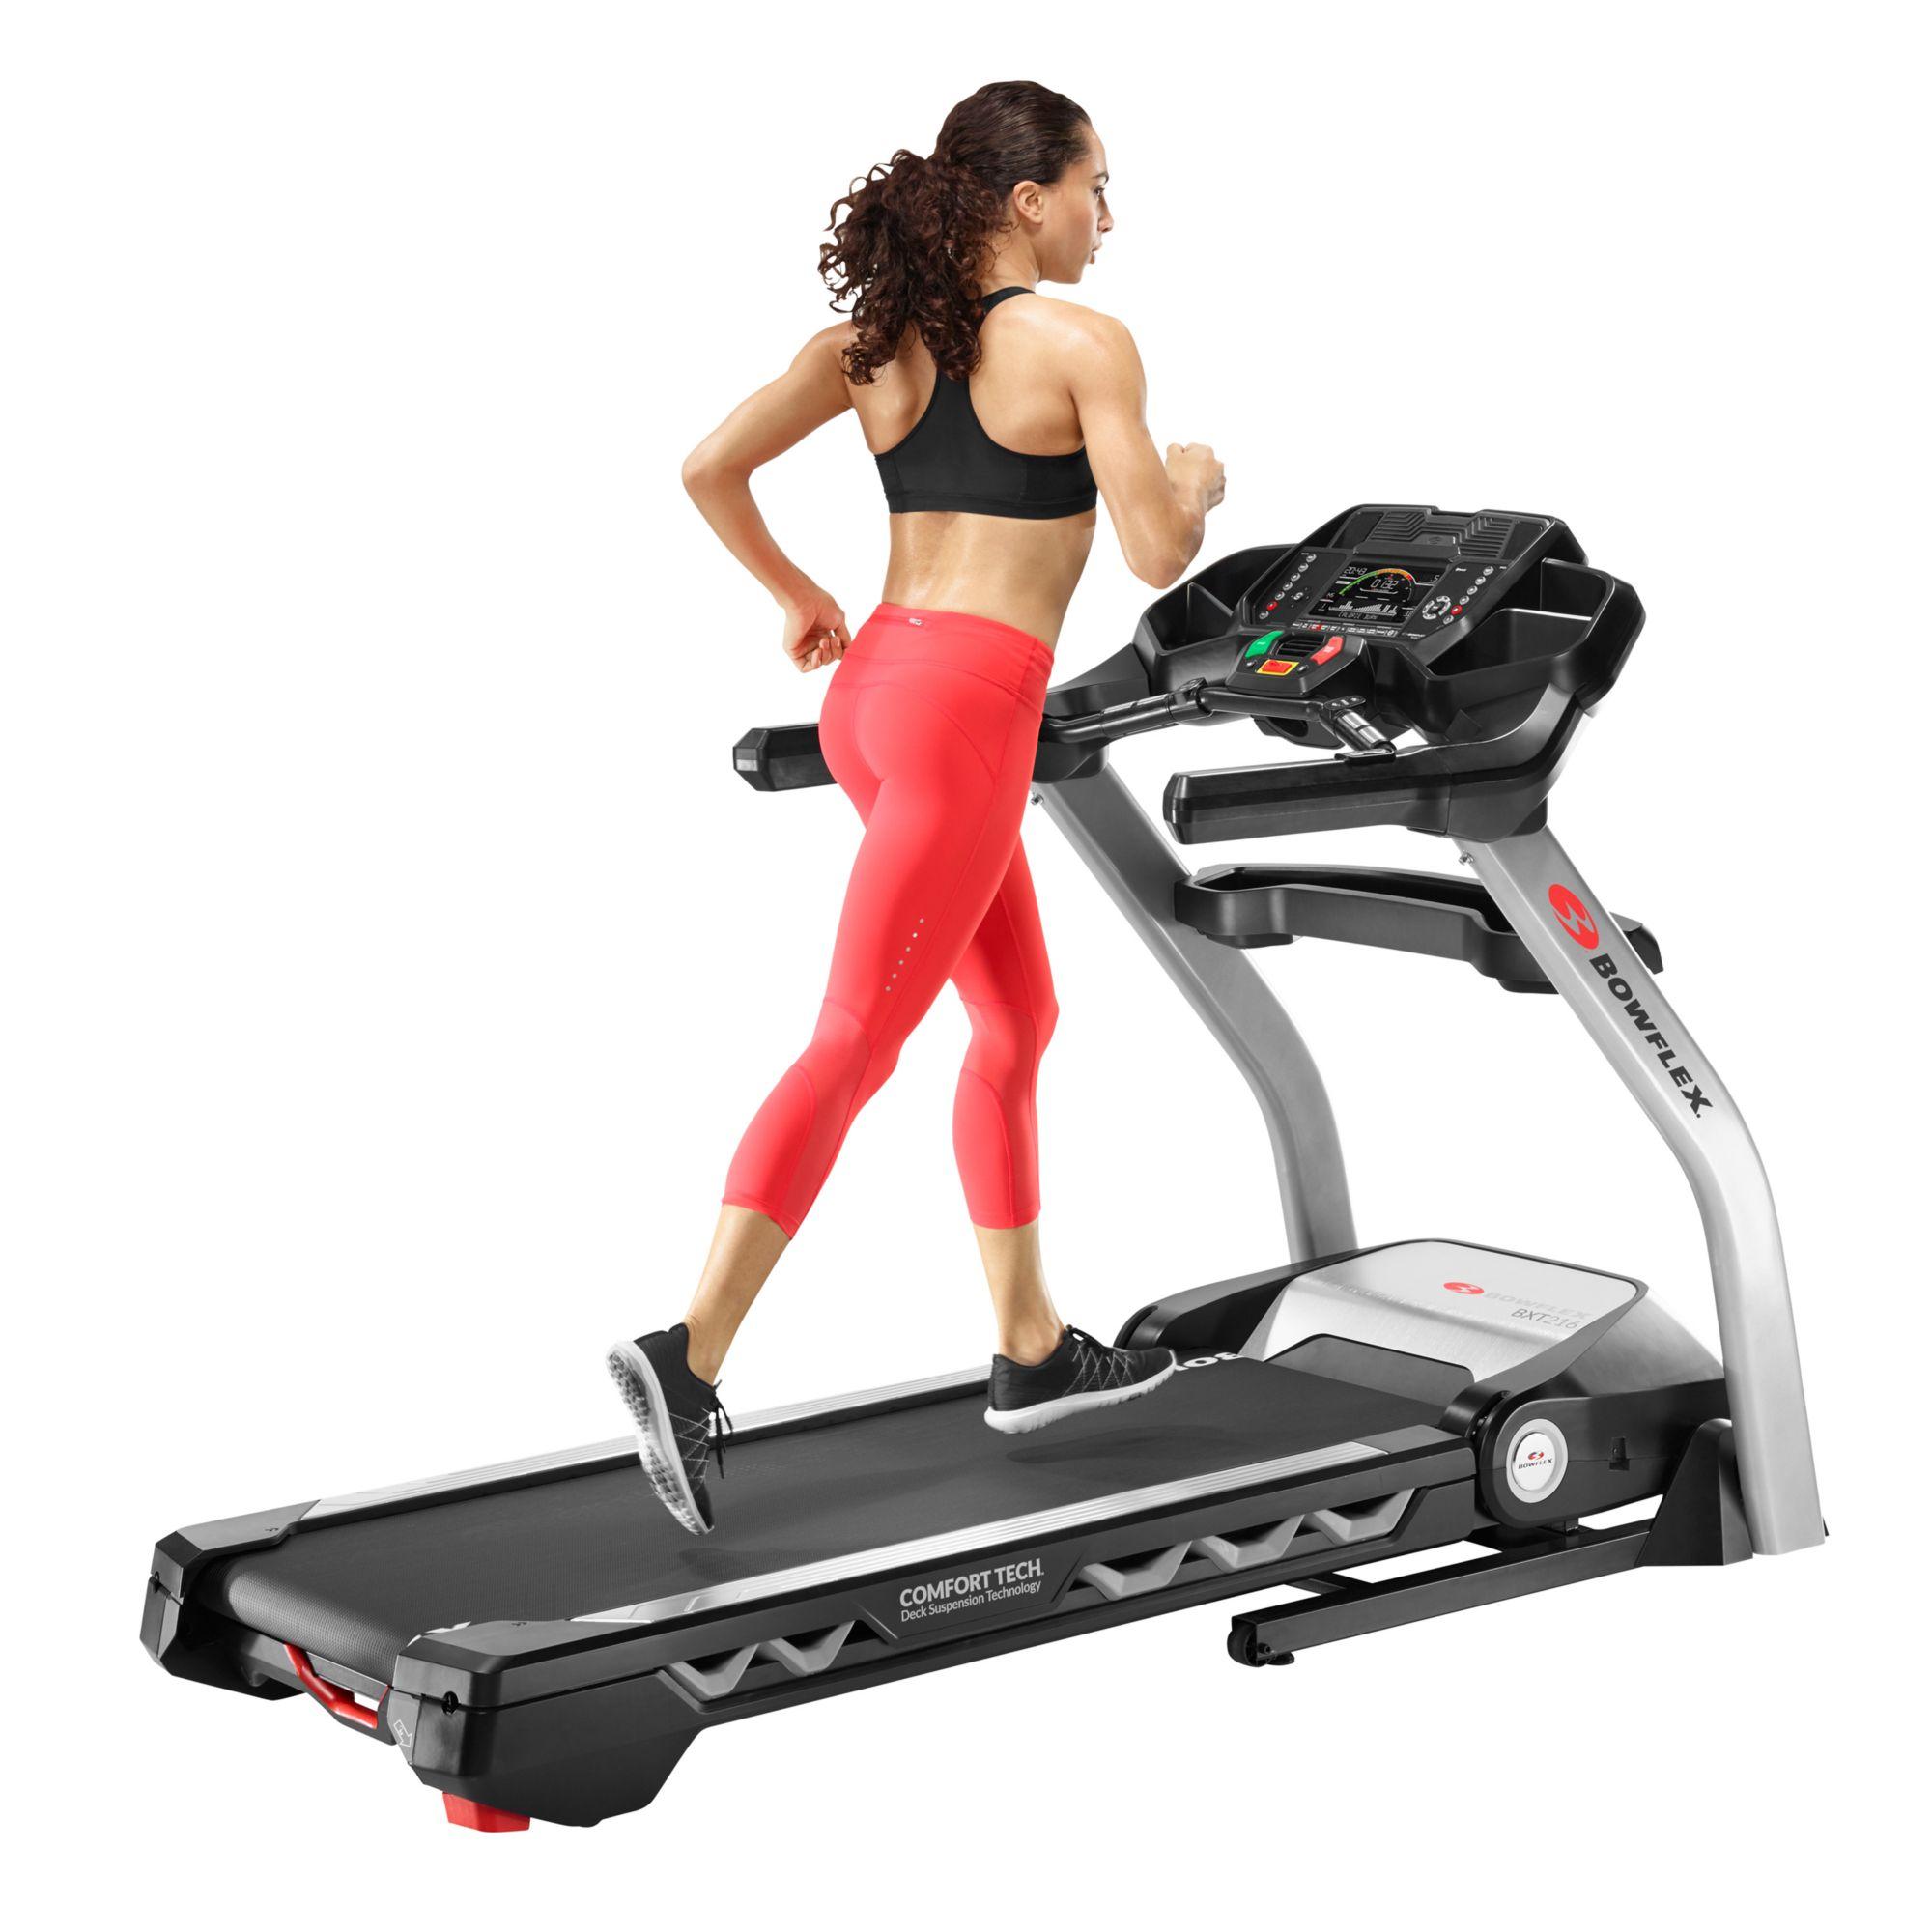 Bowflex Bxt216 Treadmill Dicks Sporting Goods